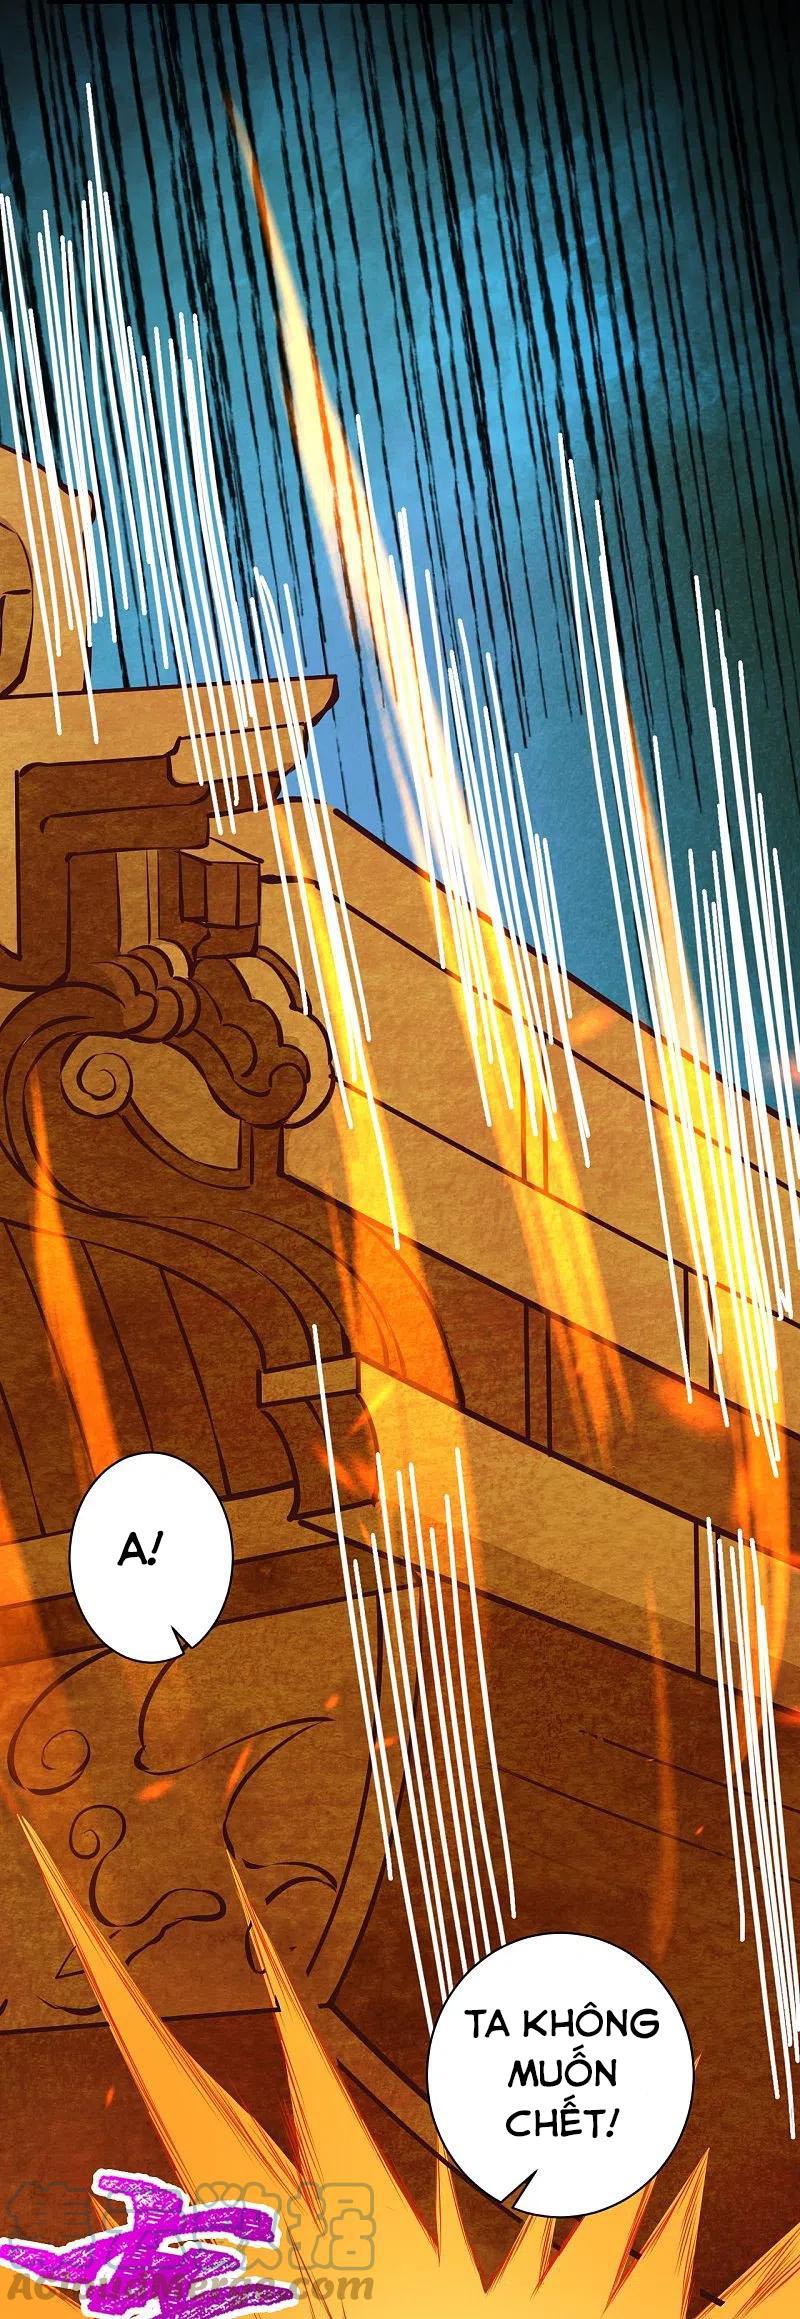 Nghịch Thiên Tà Thần Chương 398 - Vcomic.net